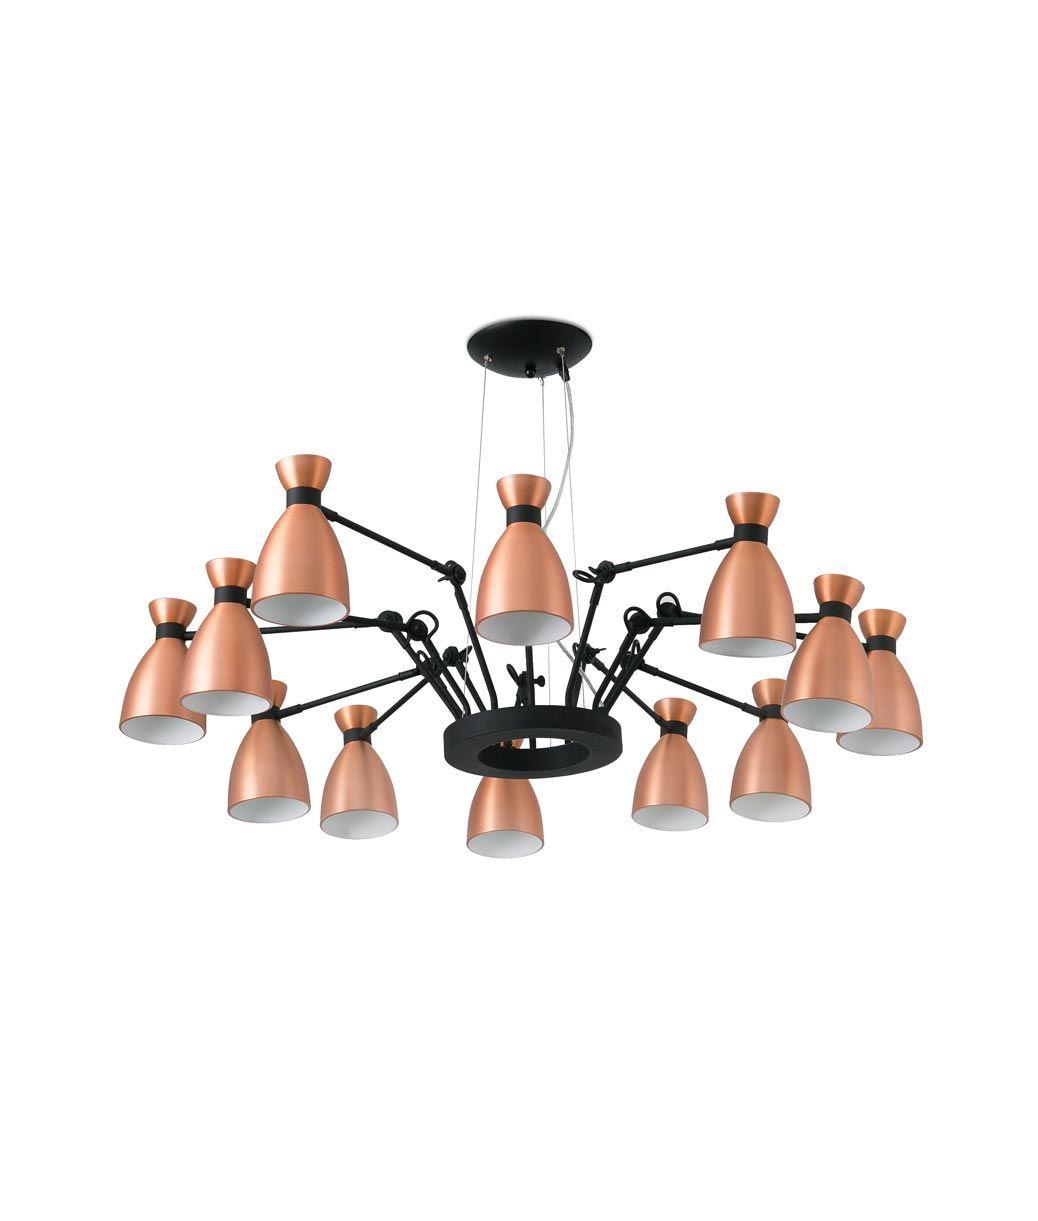 Lámpara de techo cobre 12 luces RETRO